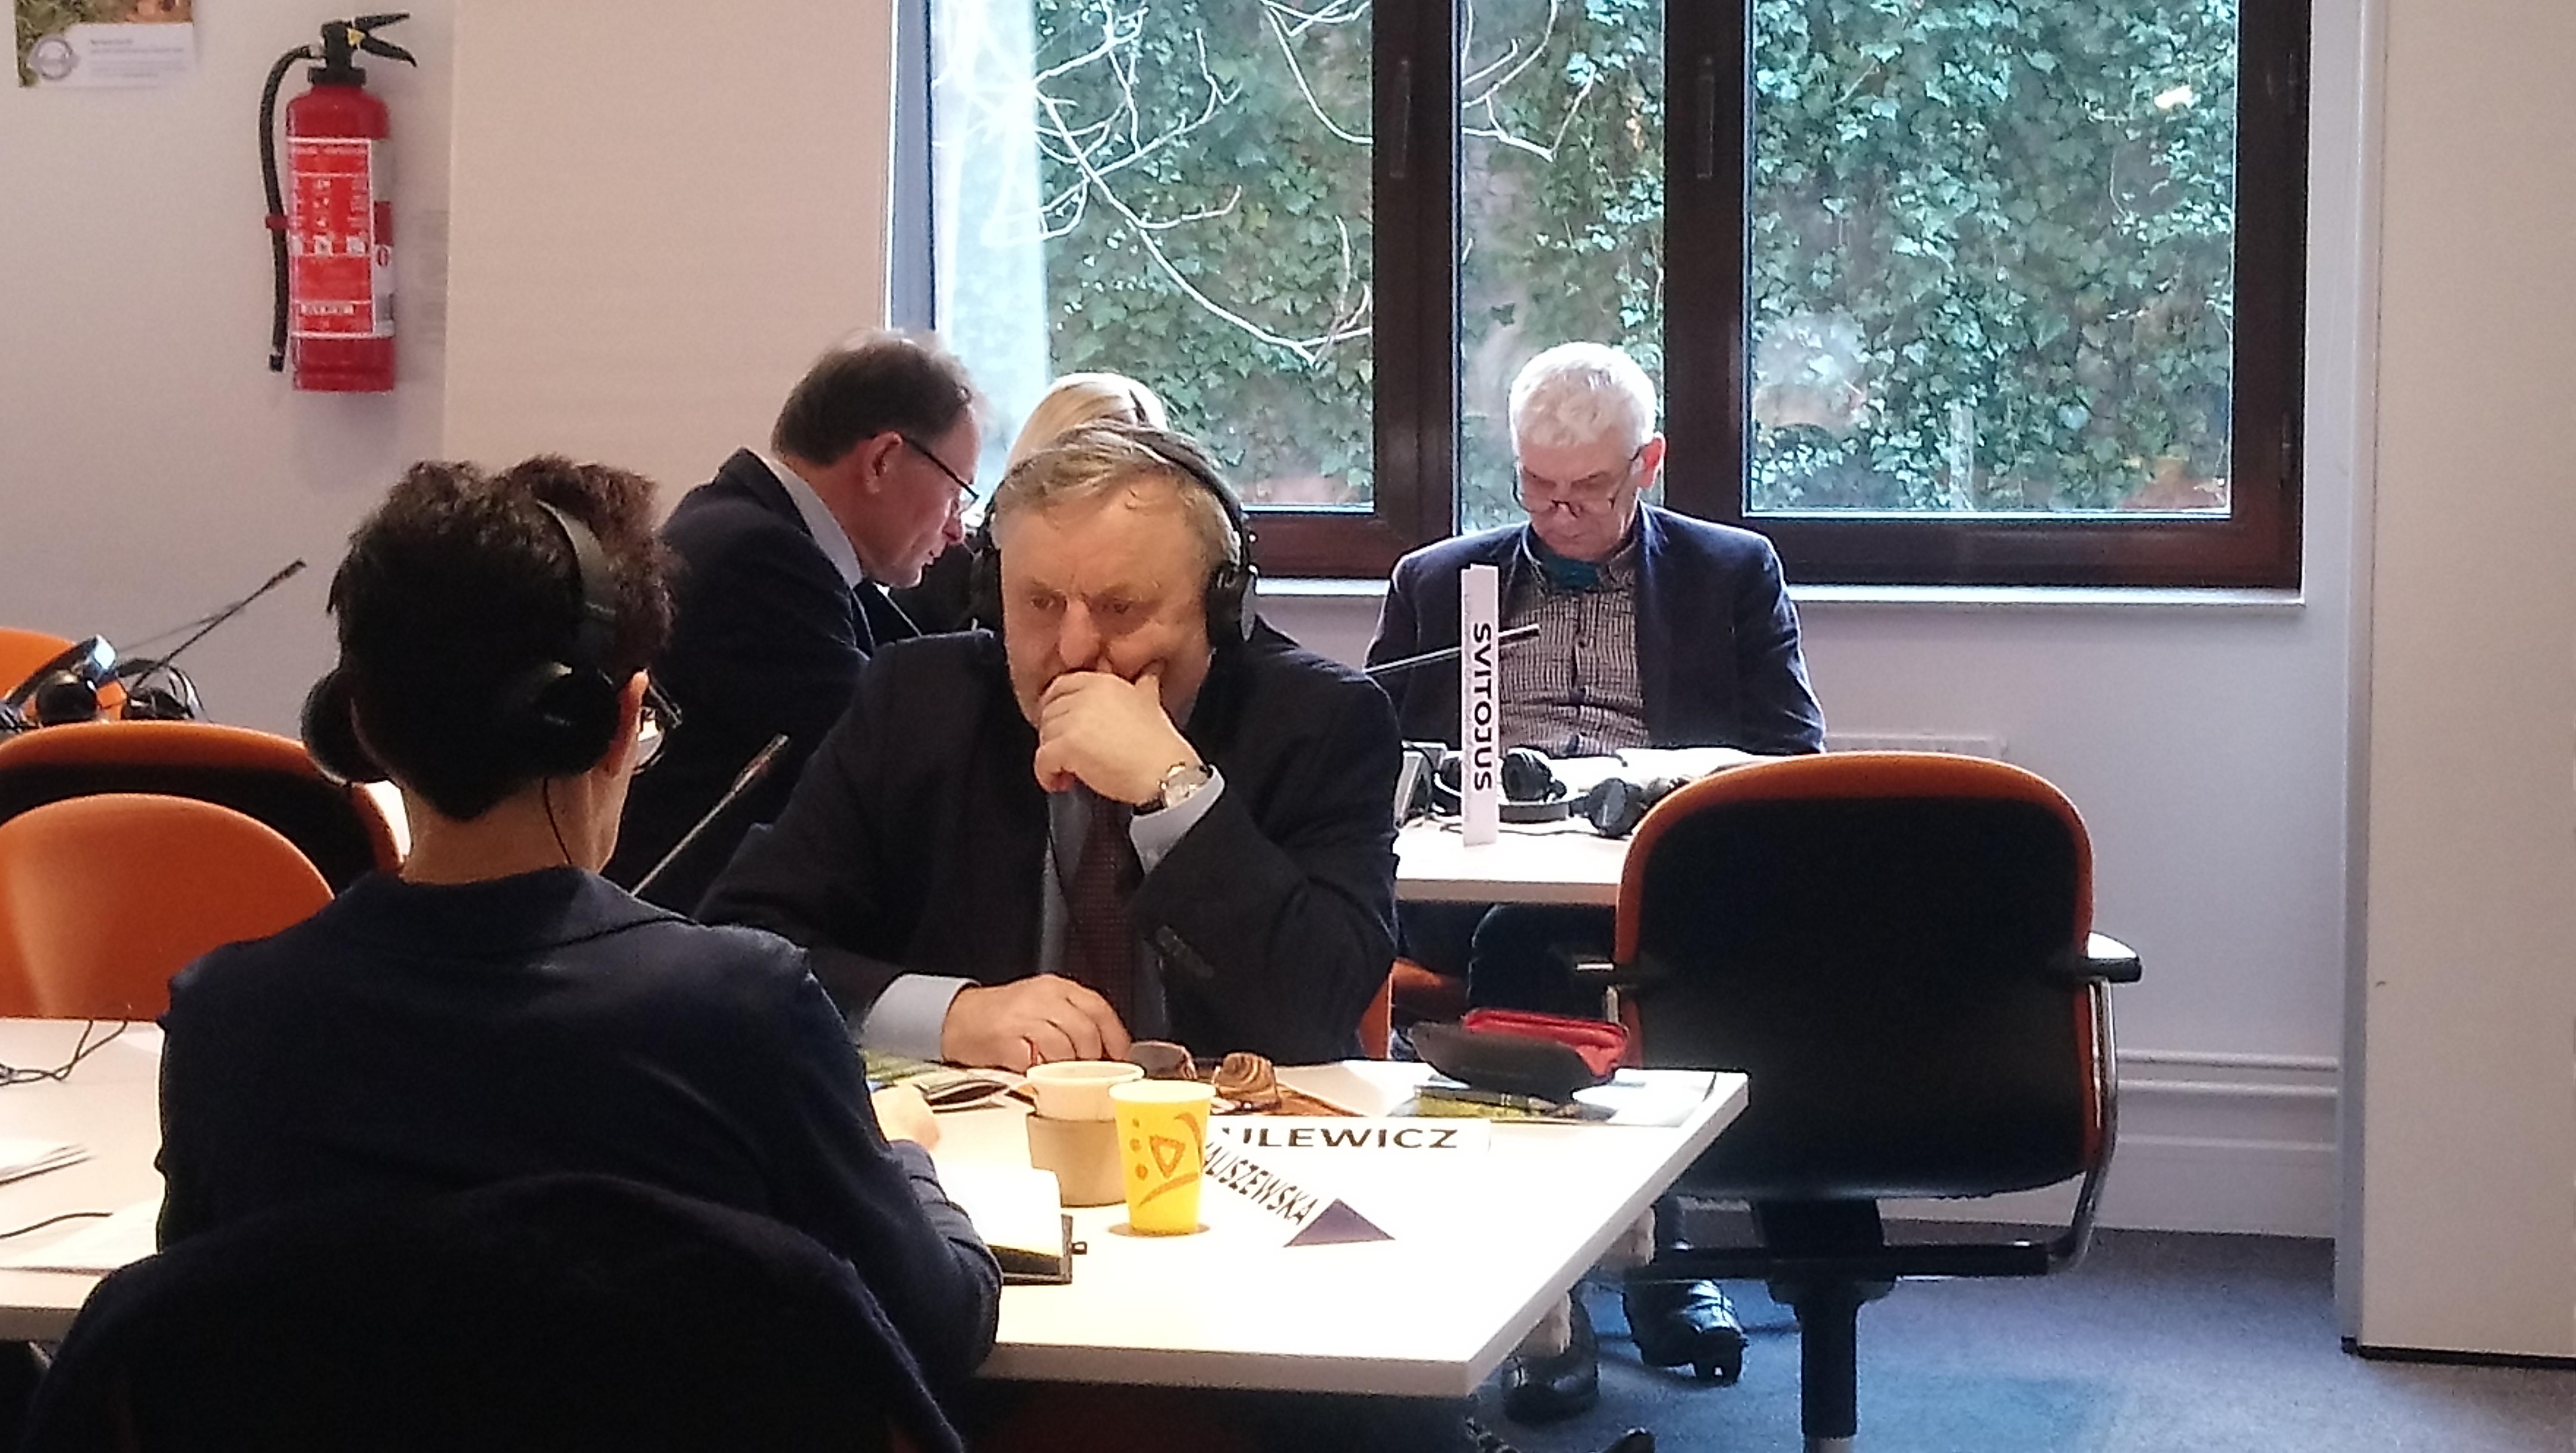 Na prezydium Copa-Cogeca m.in. na temat sytuacji rynkowej, Brexitu i WPR